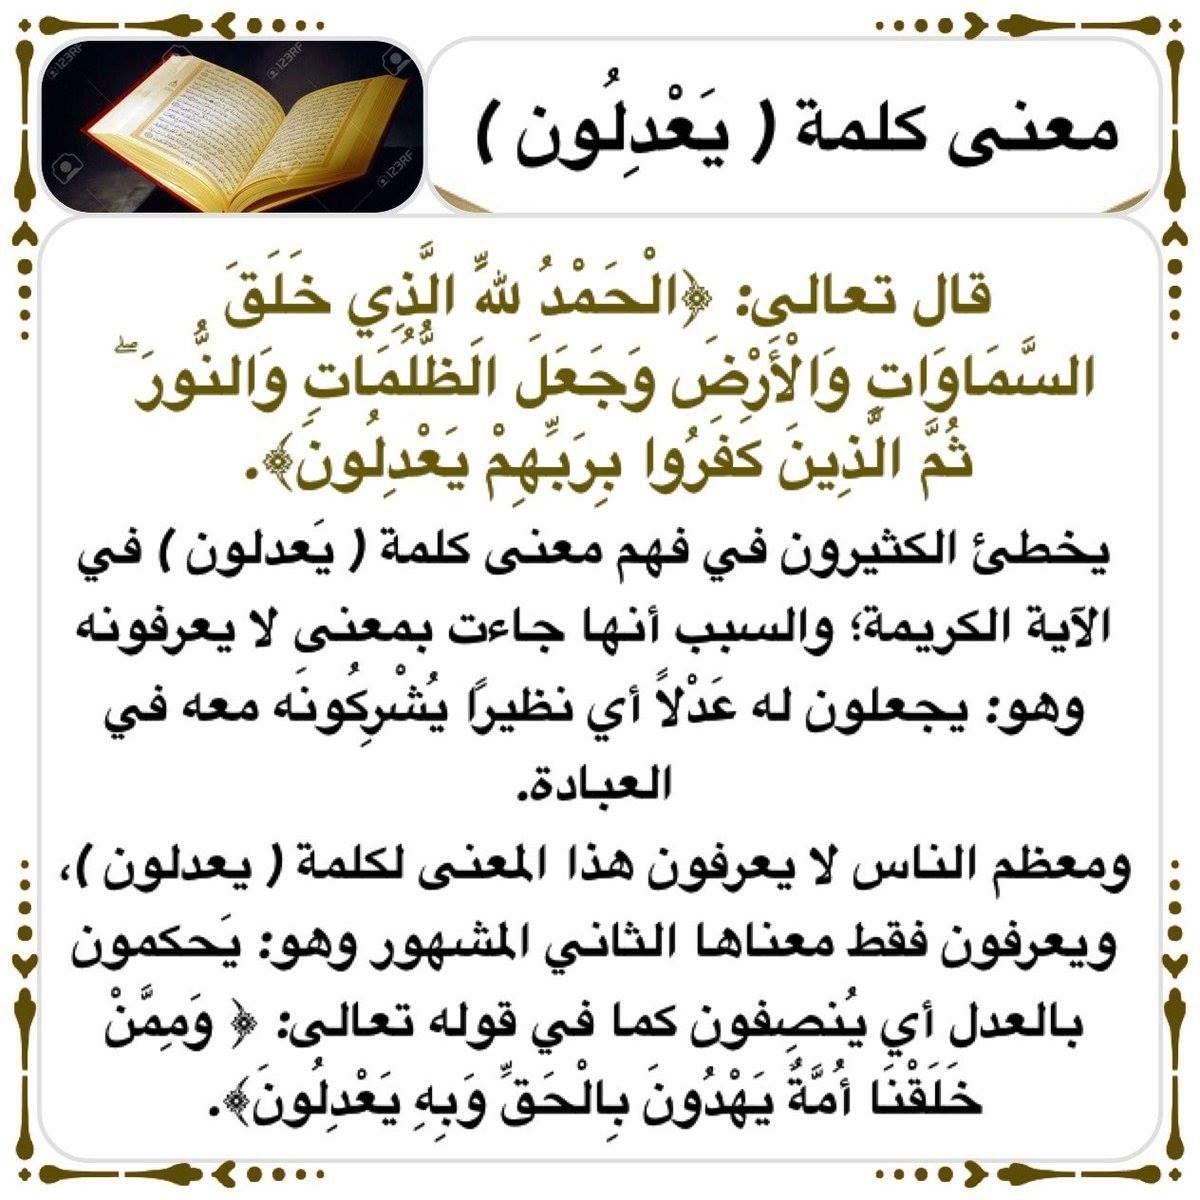 ١ الأنعام معنى يعدلون Quran Verses Holy Quran Verses